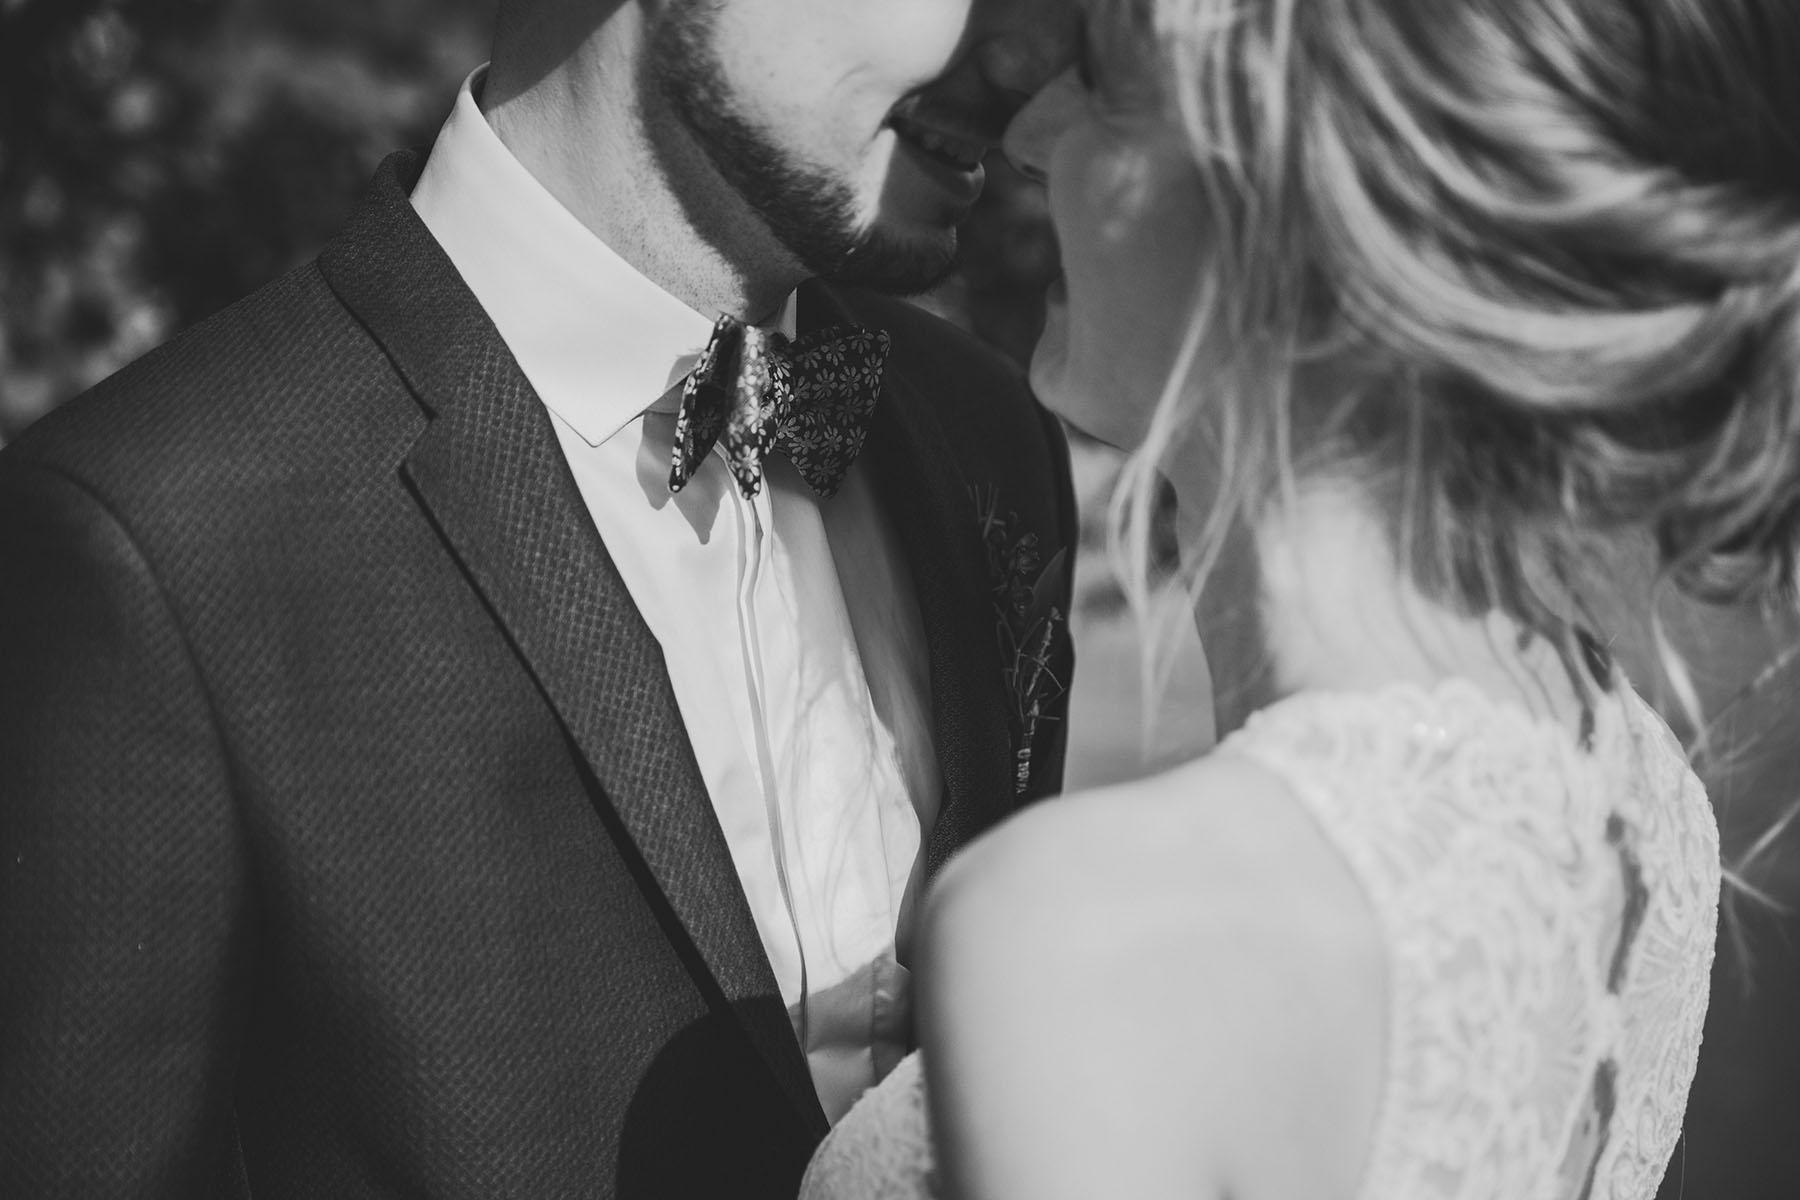 Blumenfliege Hochzeitsanzug Foto schwarz-weiß